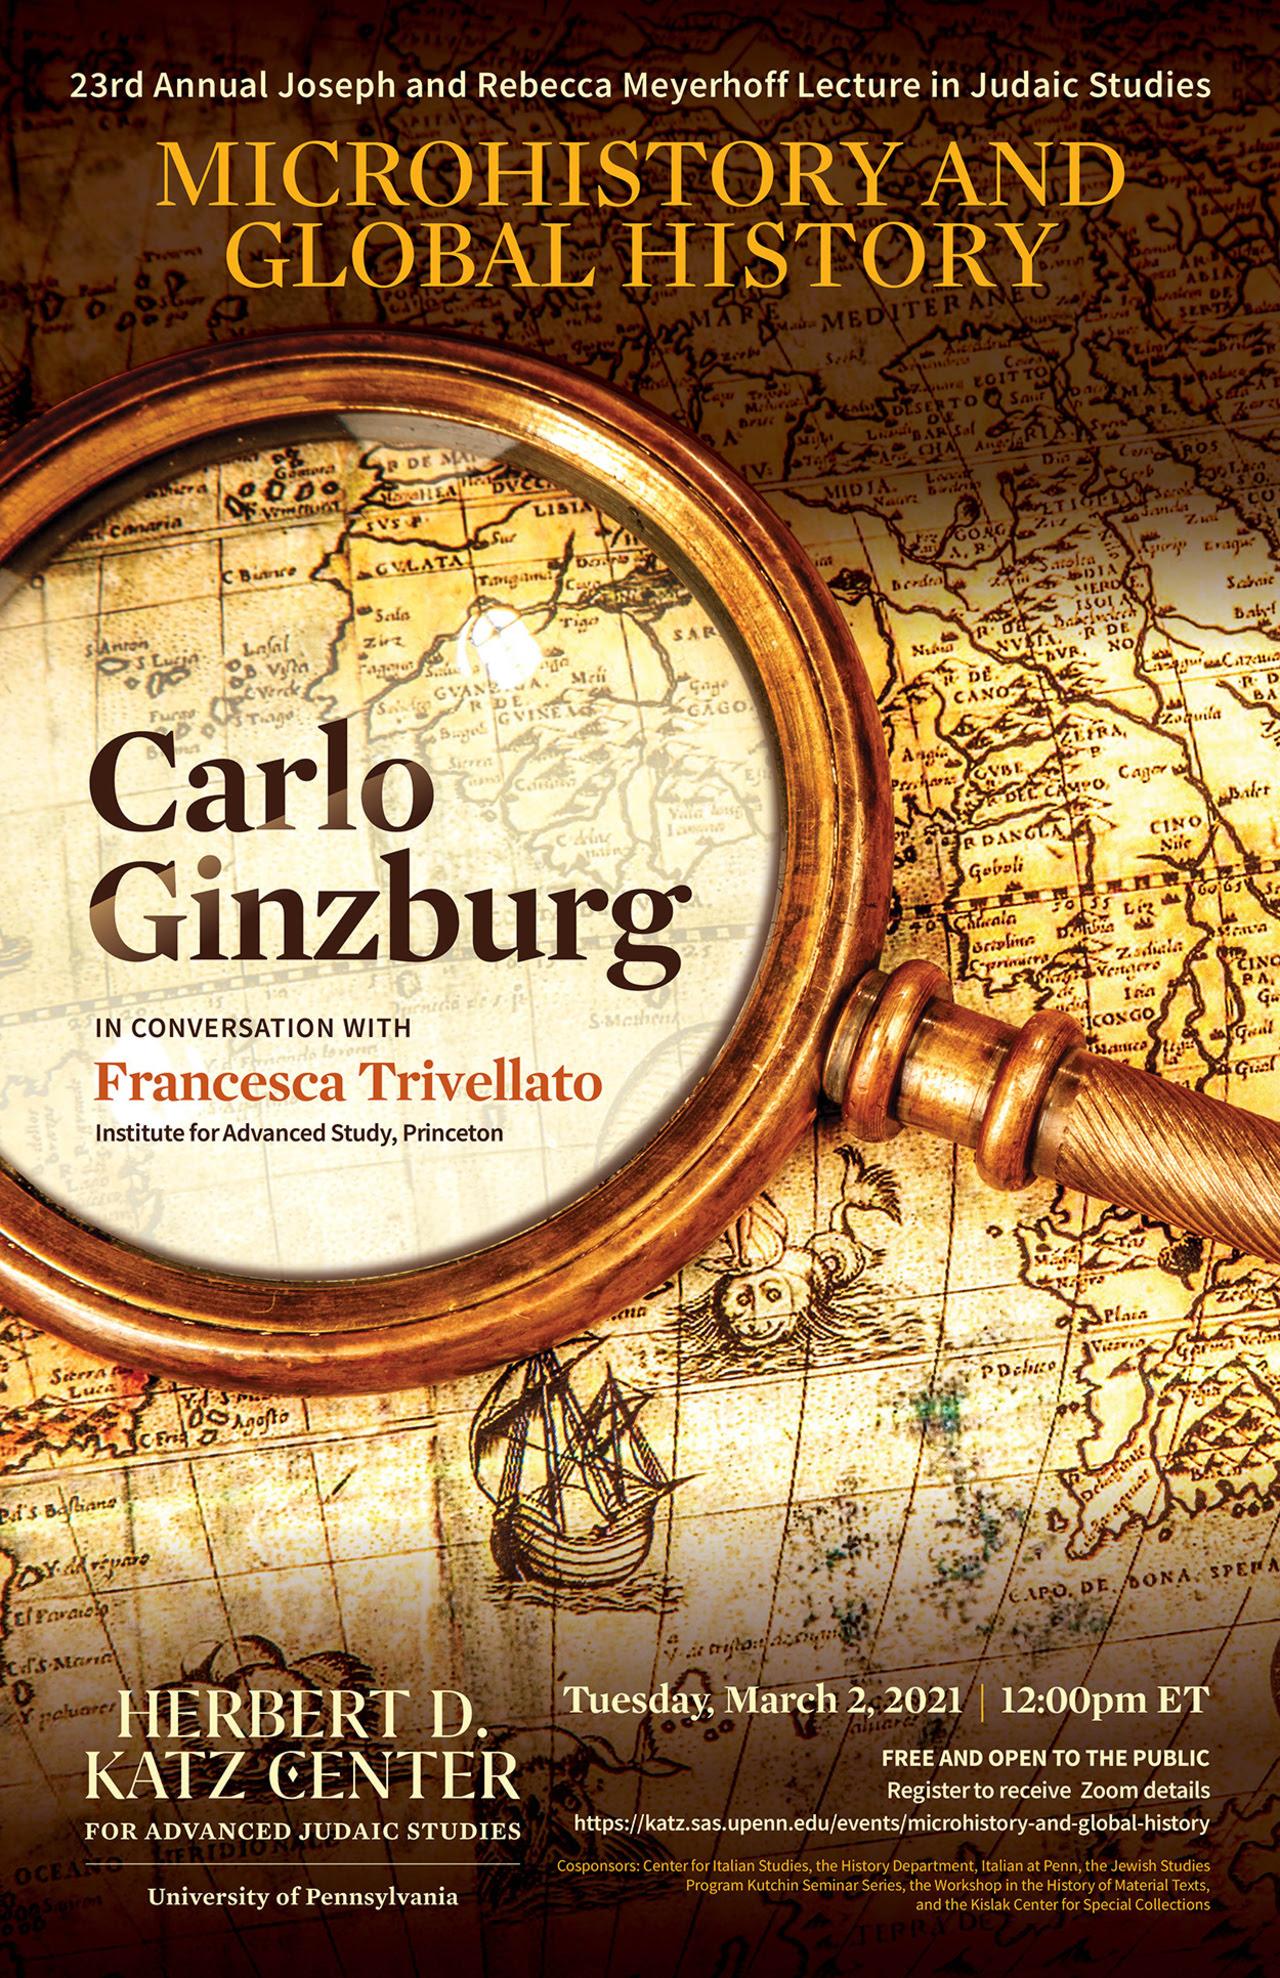 MICROHISTORY AND GLOBAL HISTORY